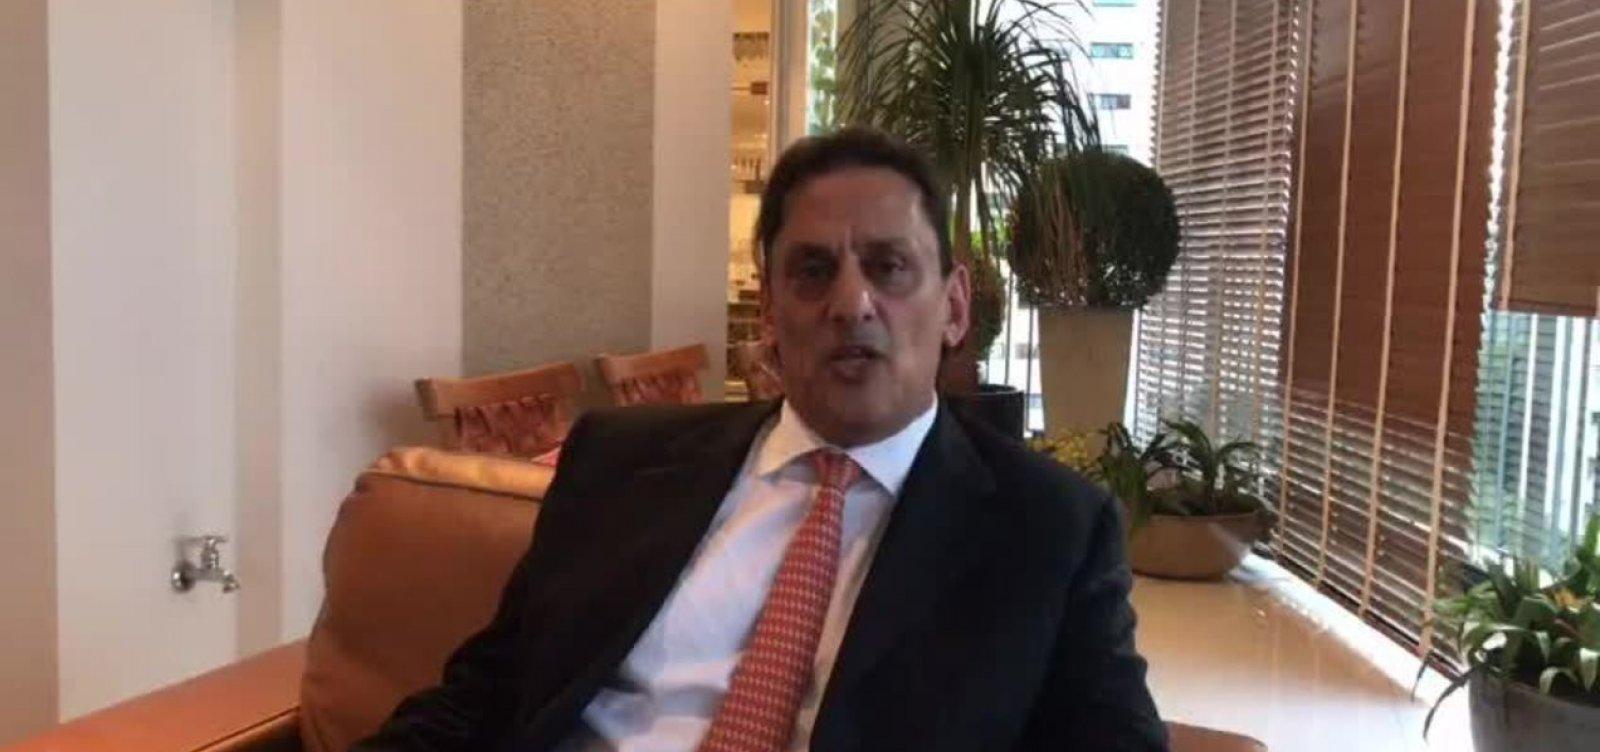 [Caso 'facada': Investigação aponta defesa de Bolsonaro como divulgadora de conspiração]